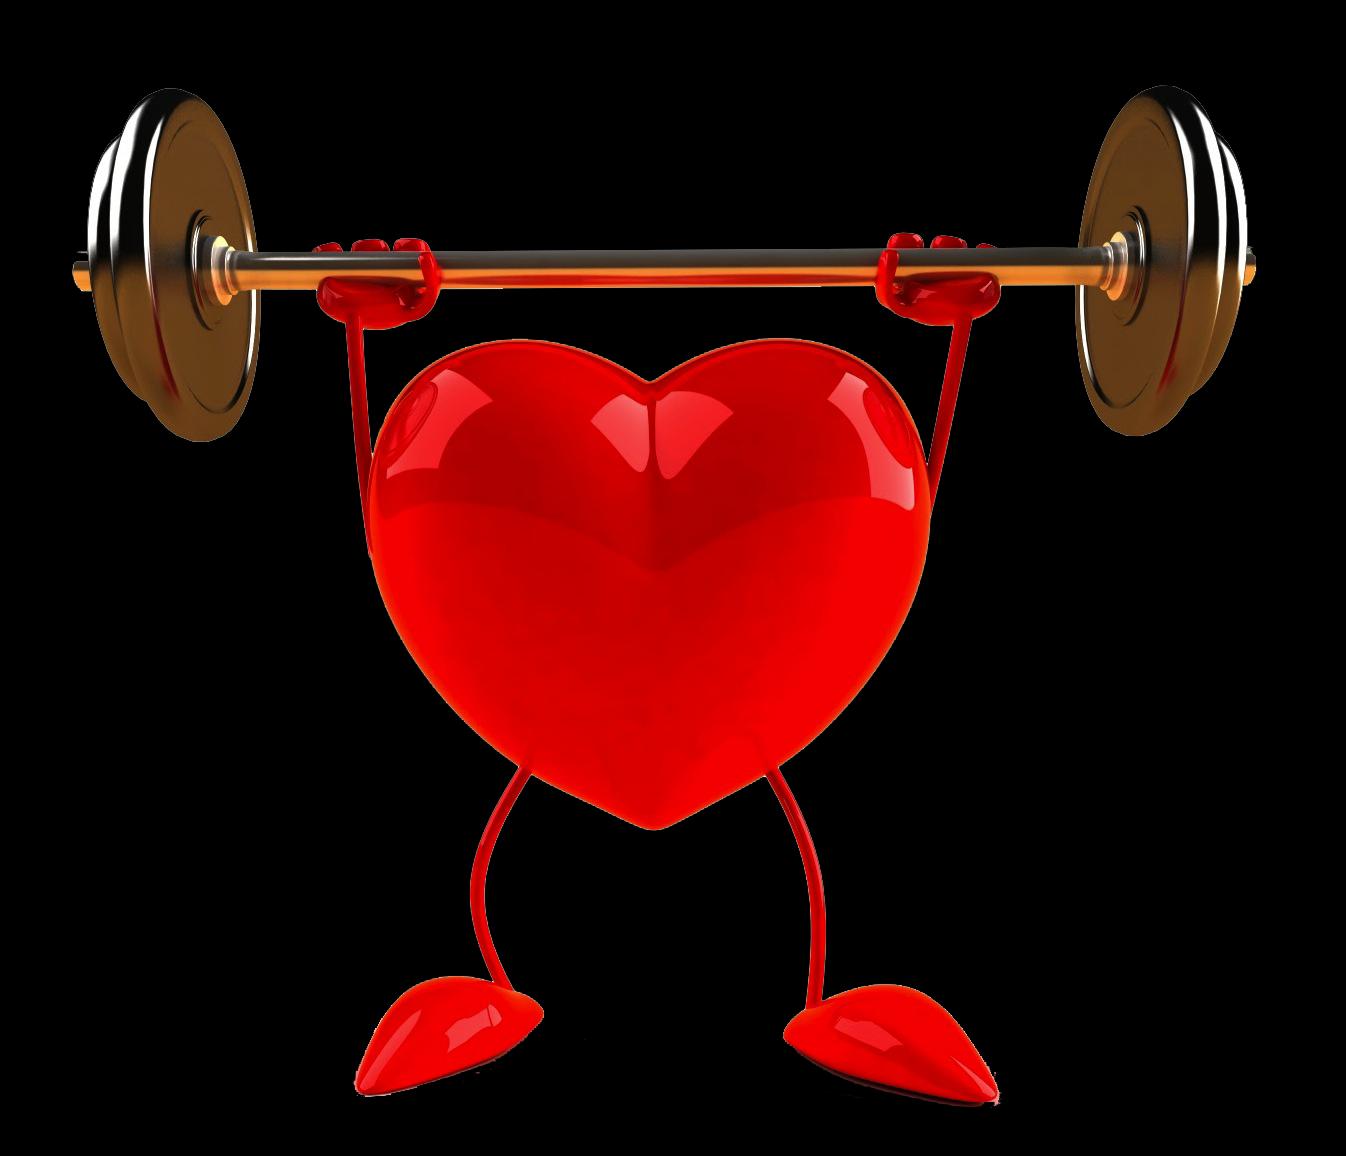 Heart Diseaseexercise Vs Drugs